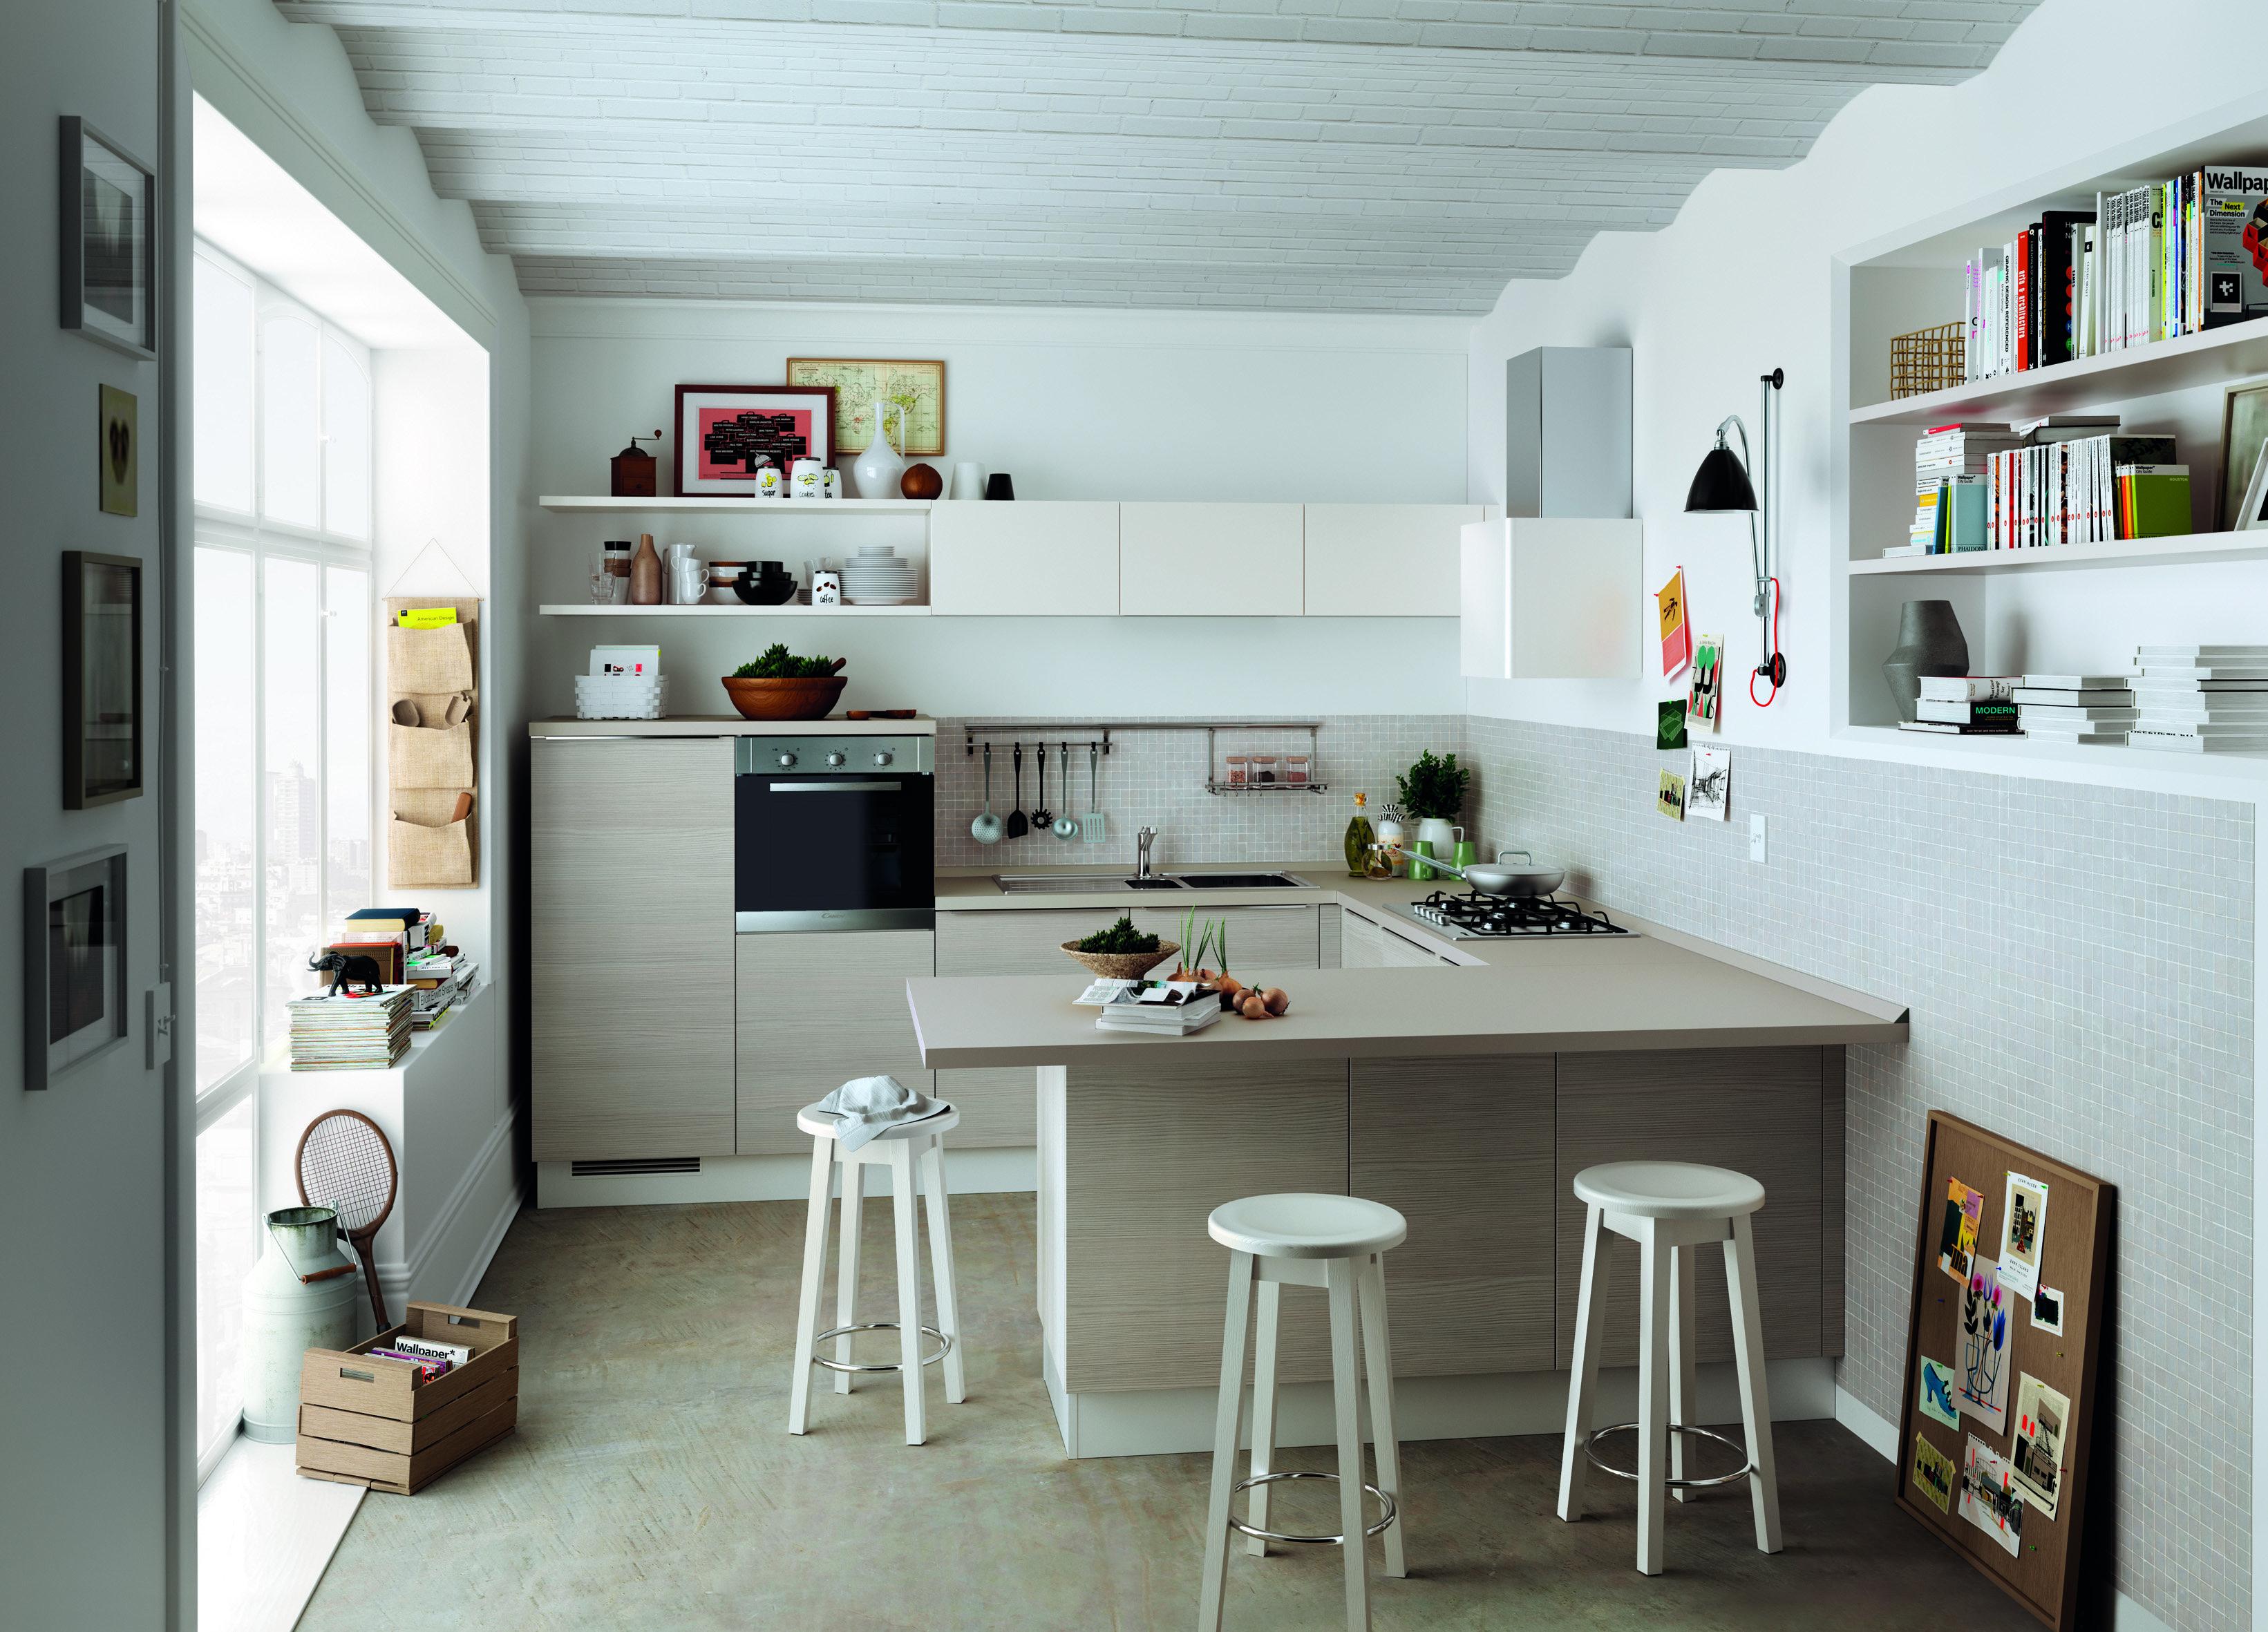 cucine piccole: composizioni compatte anche per il soggiorno ... - Cucine Compatte Design